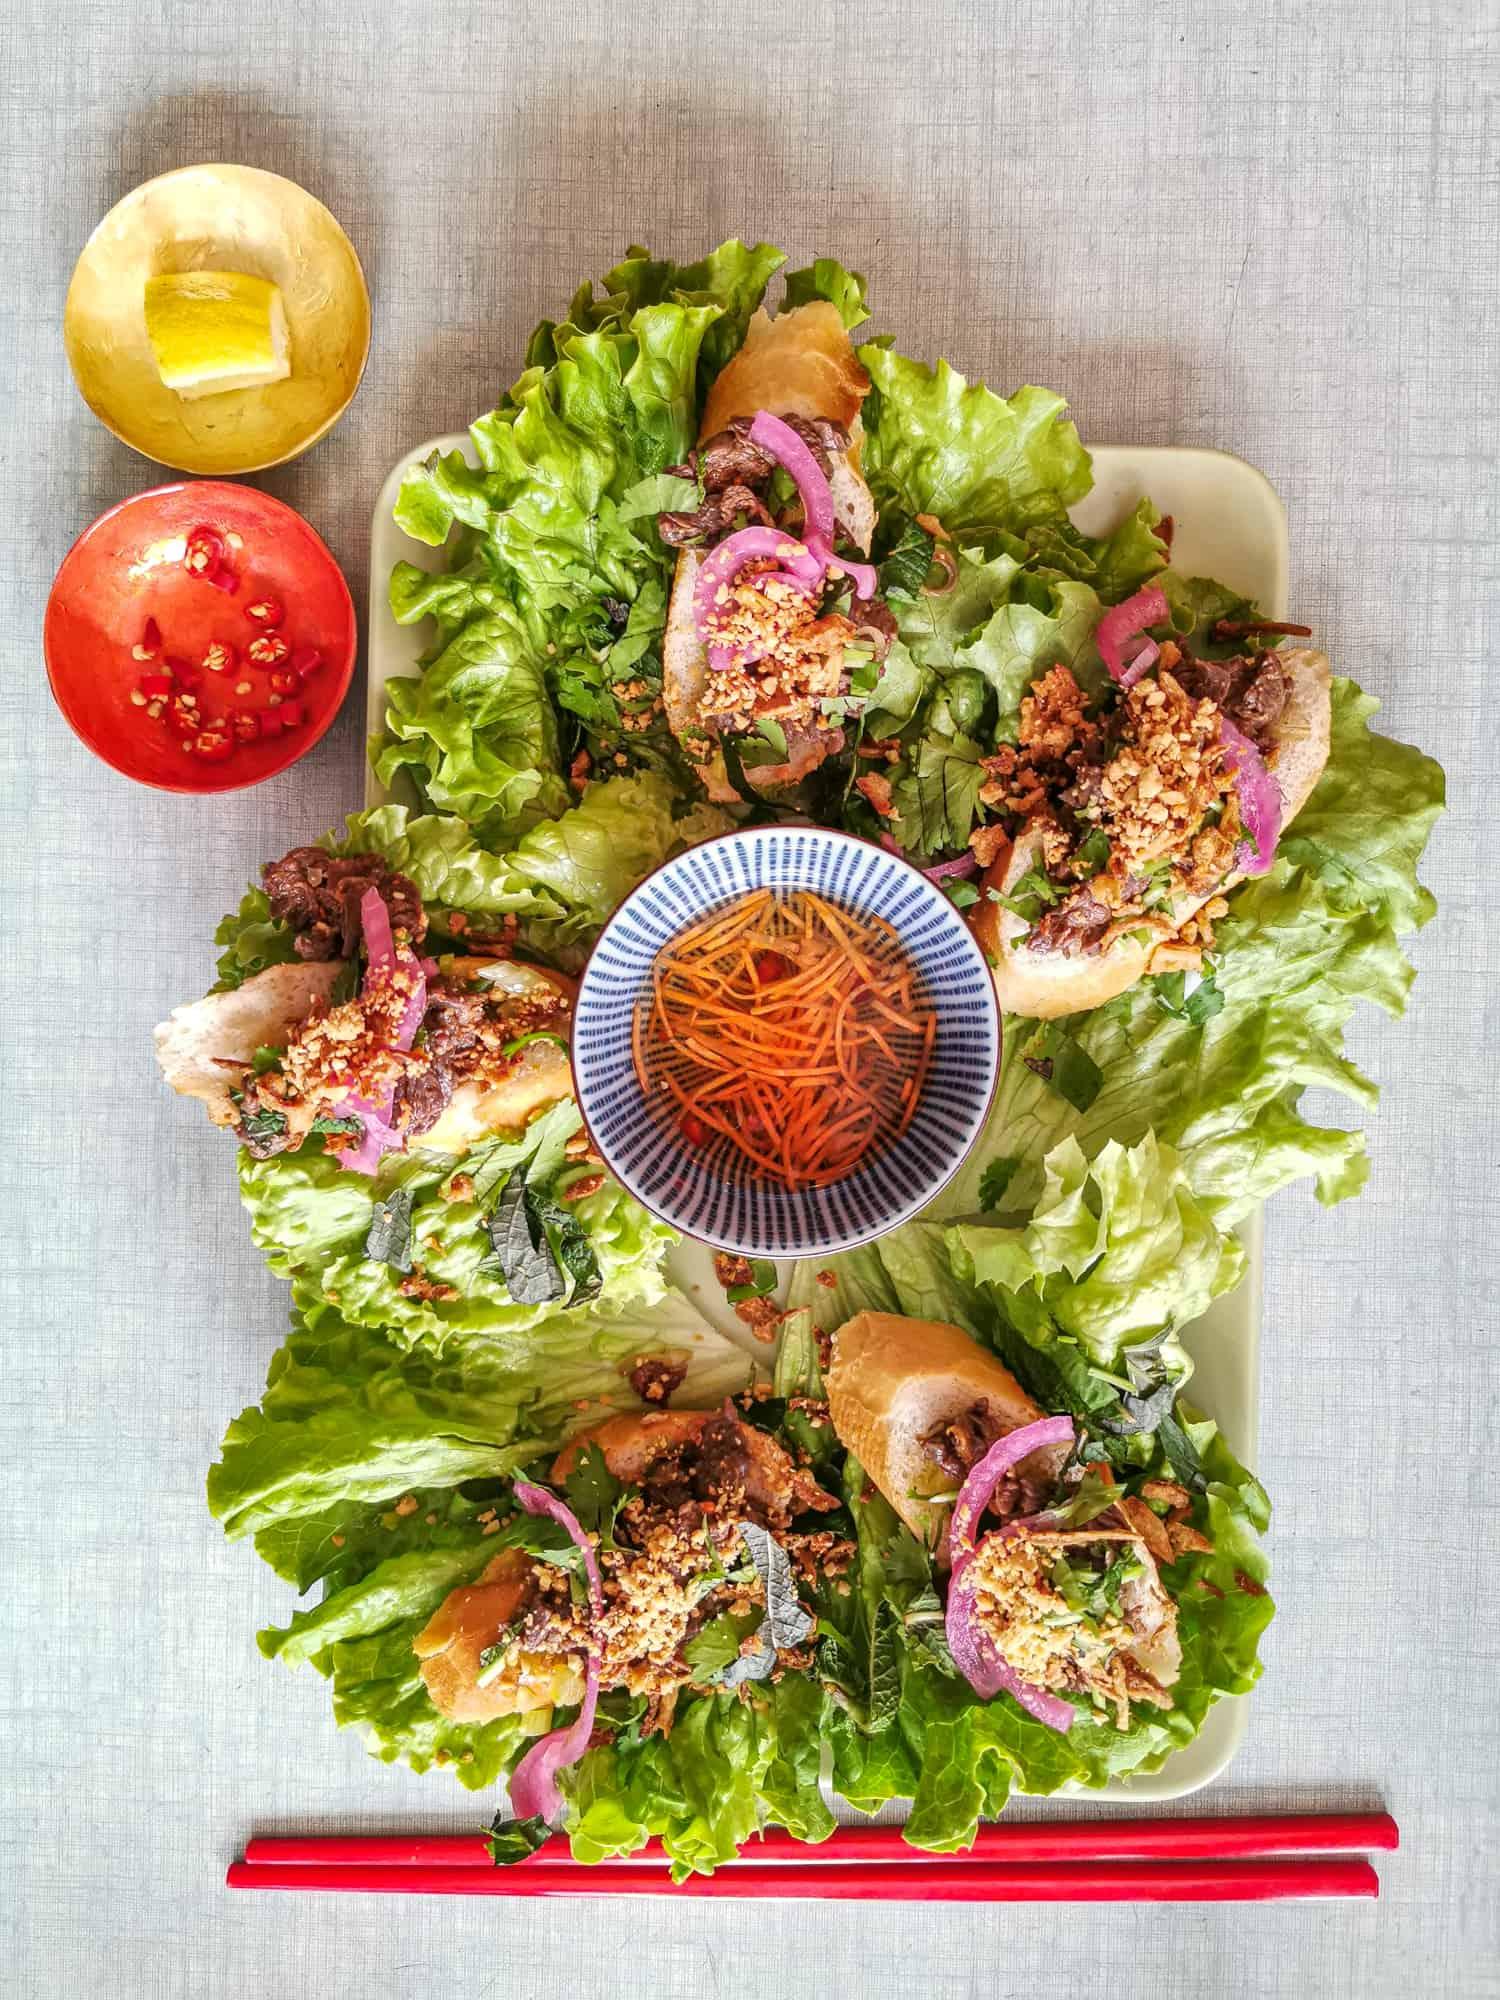 ca-phe-broc-ouest-restaurant-vietnamien-paris-14-bouiboui-26